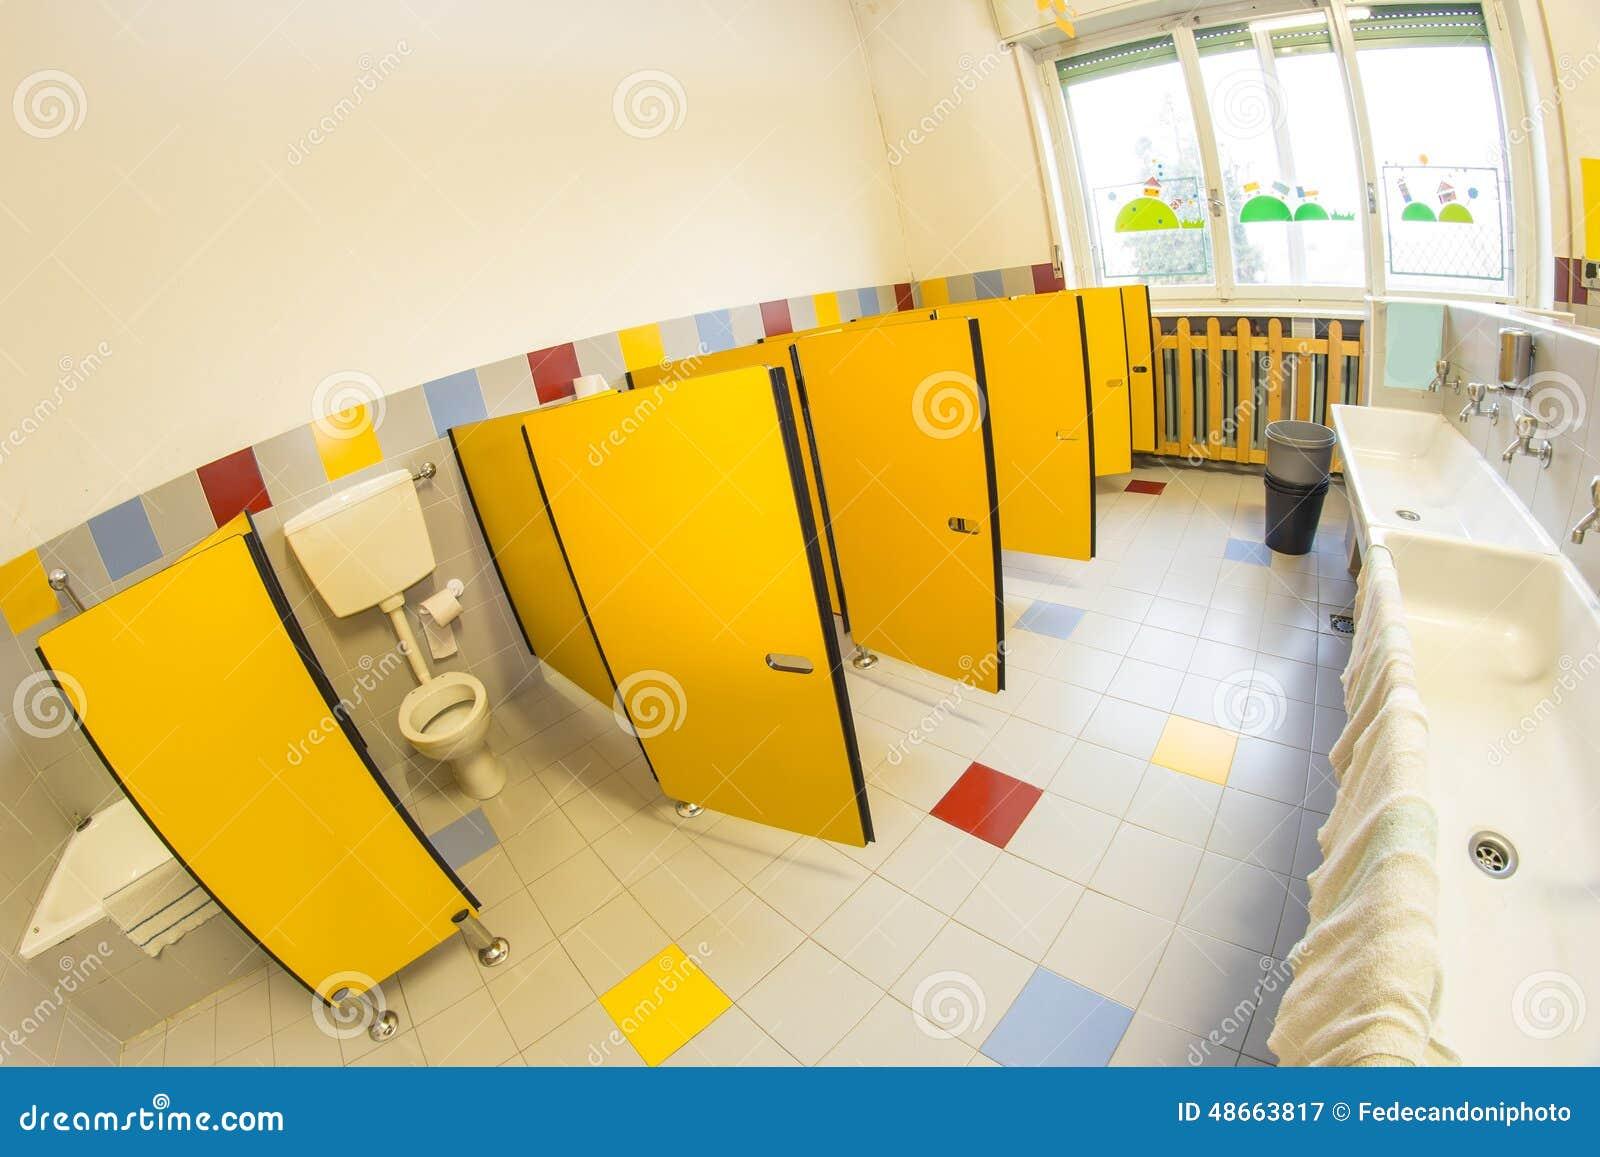 badezimmer einer schule für kinder stockfoto - bild: 48663817, Badezimmer